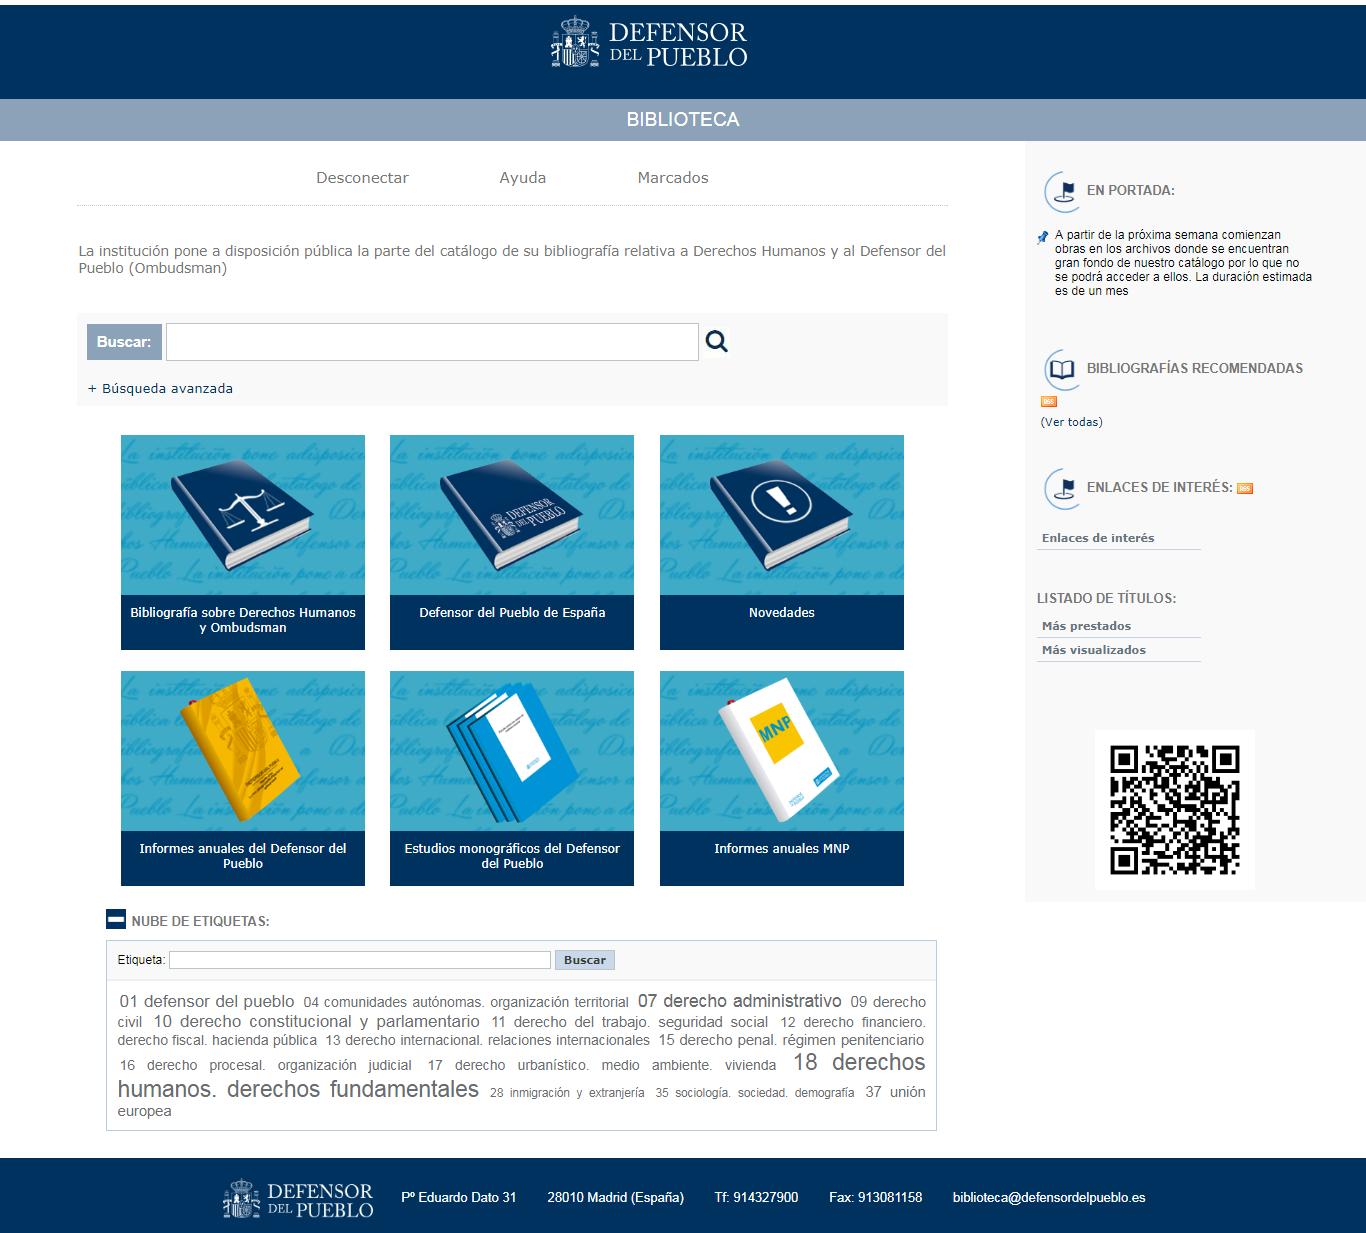 Catálogo de la Biblioteca del Defensor del Pueblo